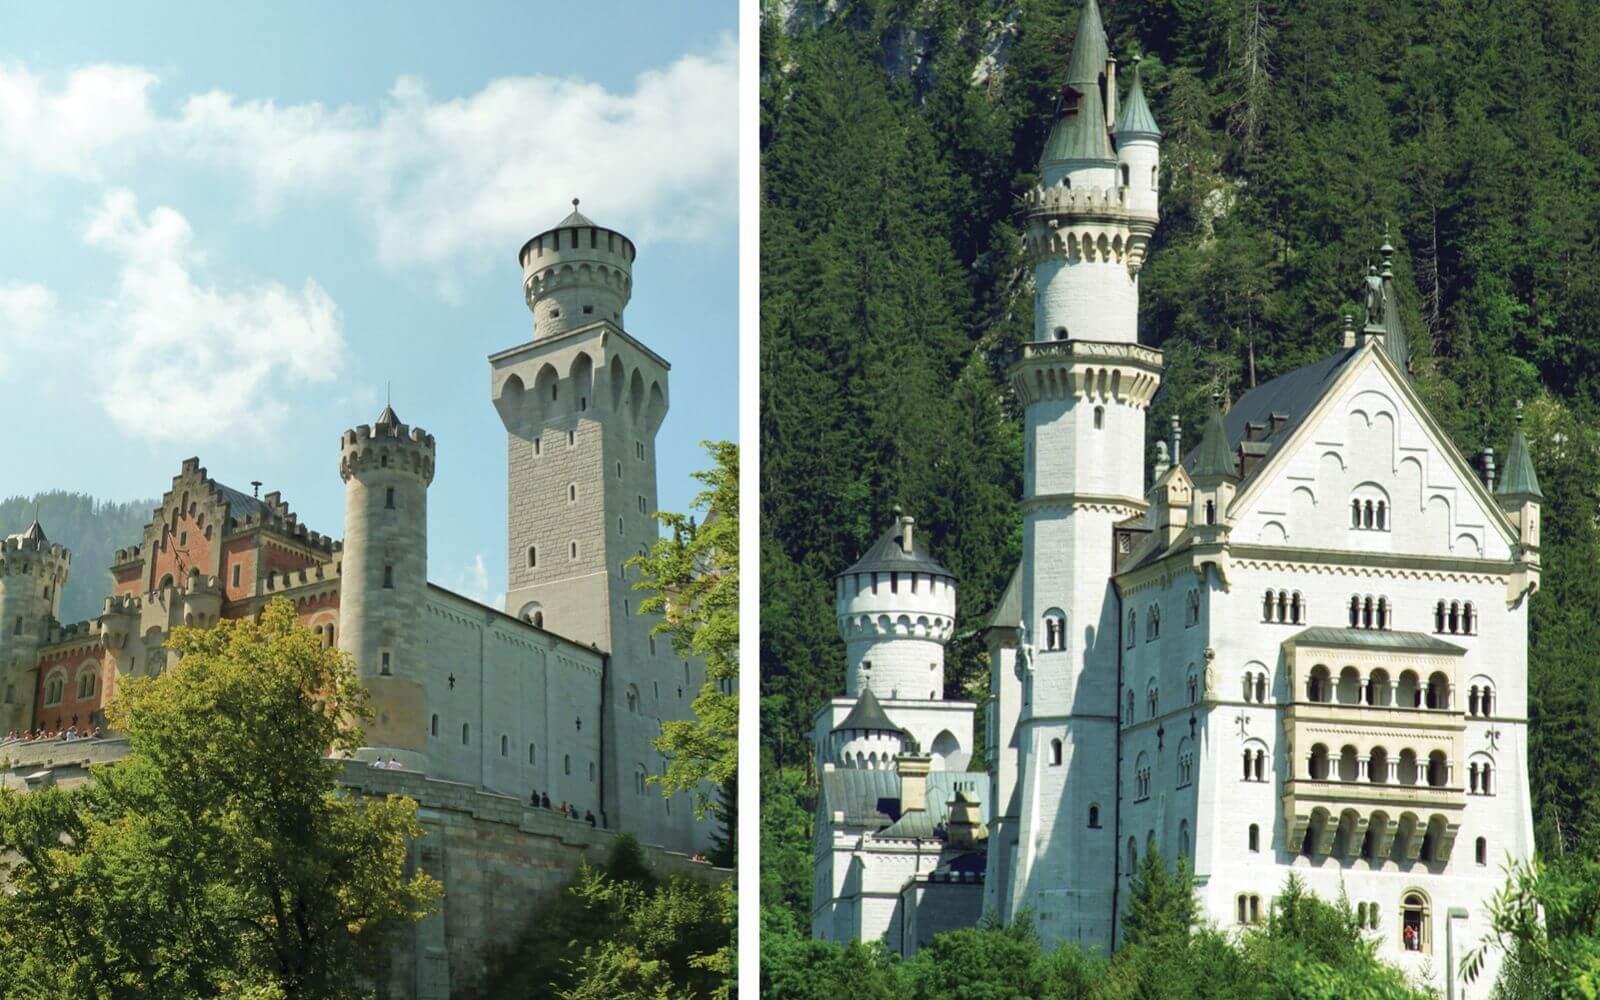 Neuschwanstein Castle and Rothenburg